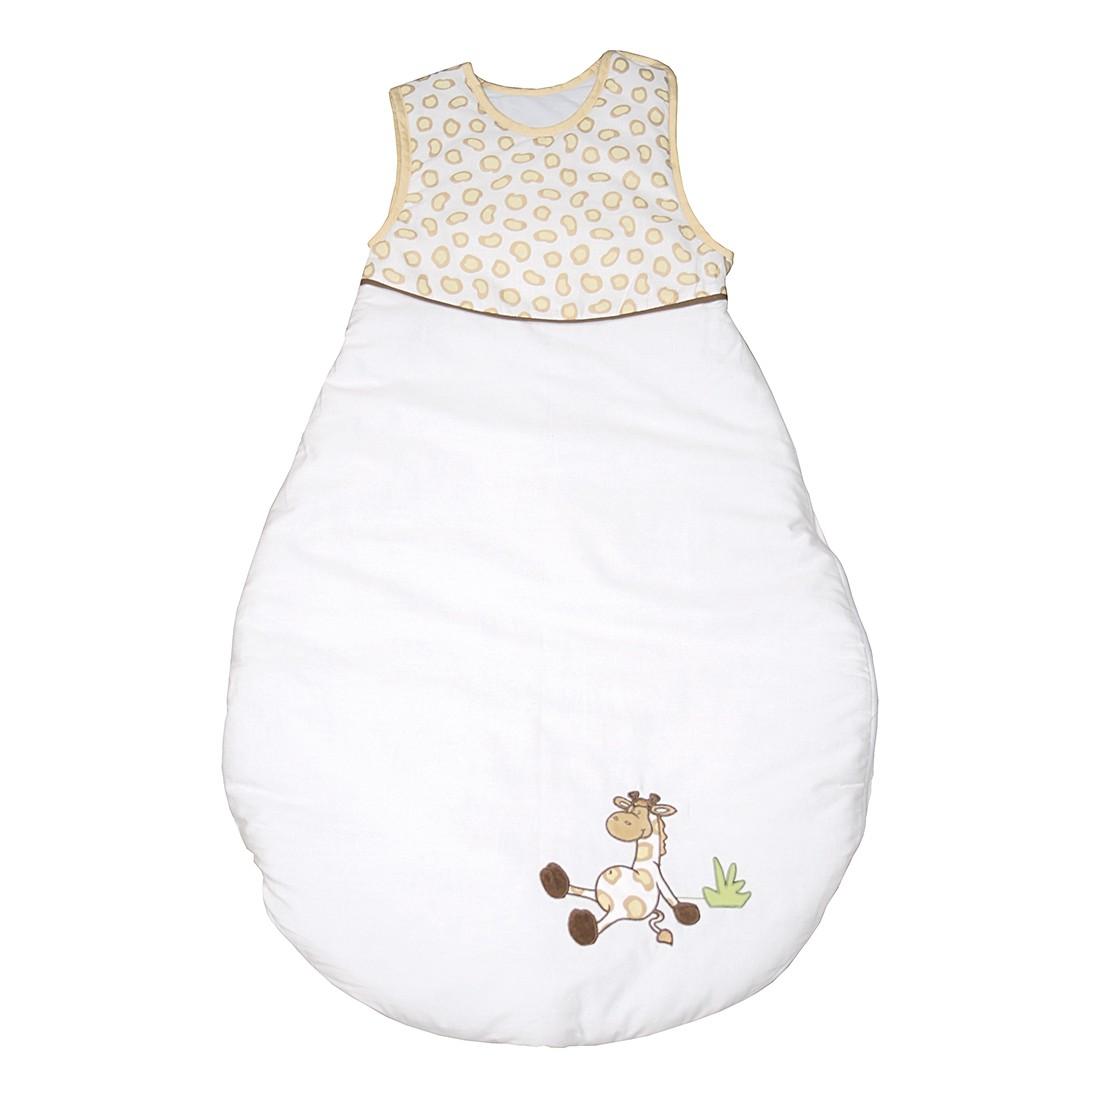 Schlafsack Safari – 90 cm, Roba online kaufen